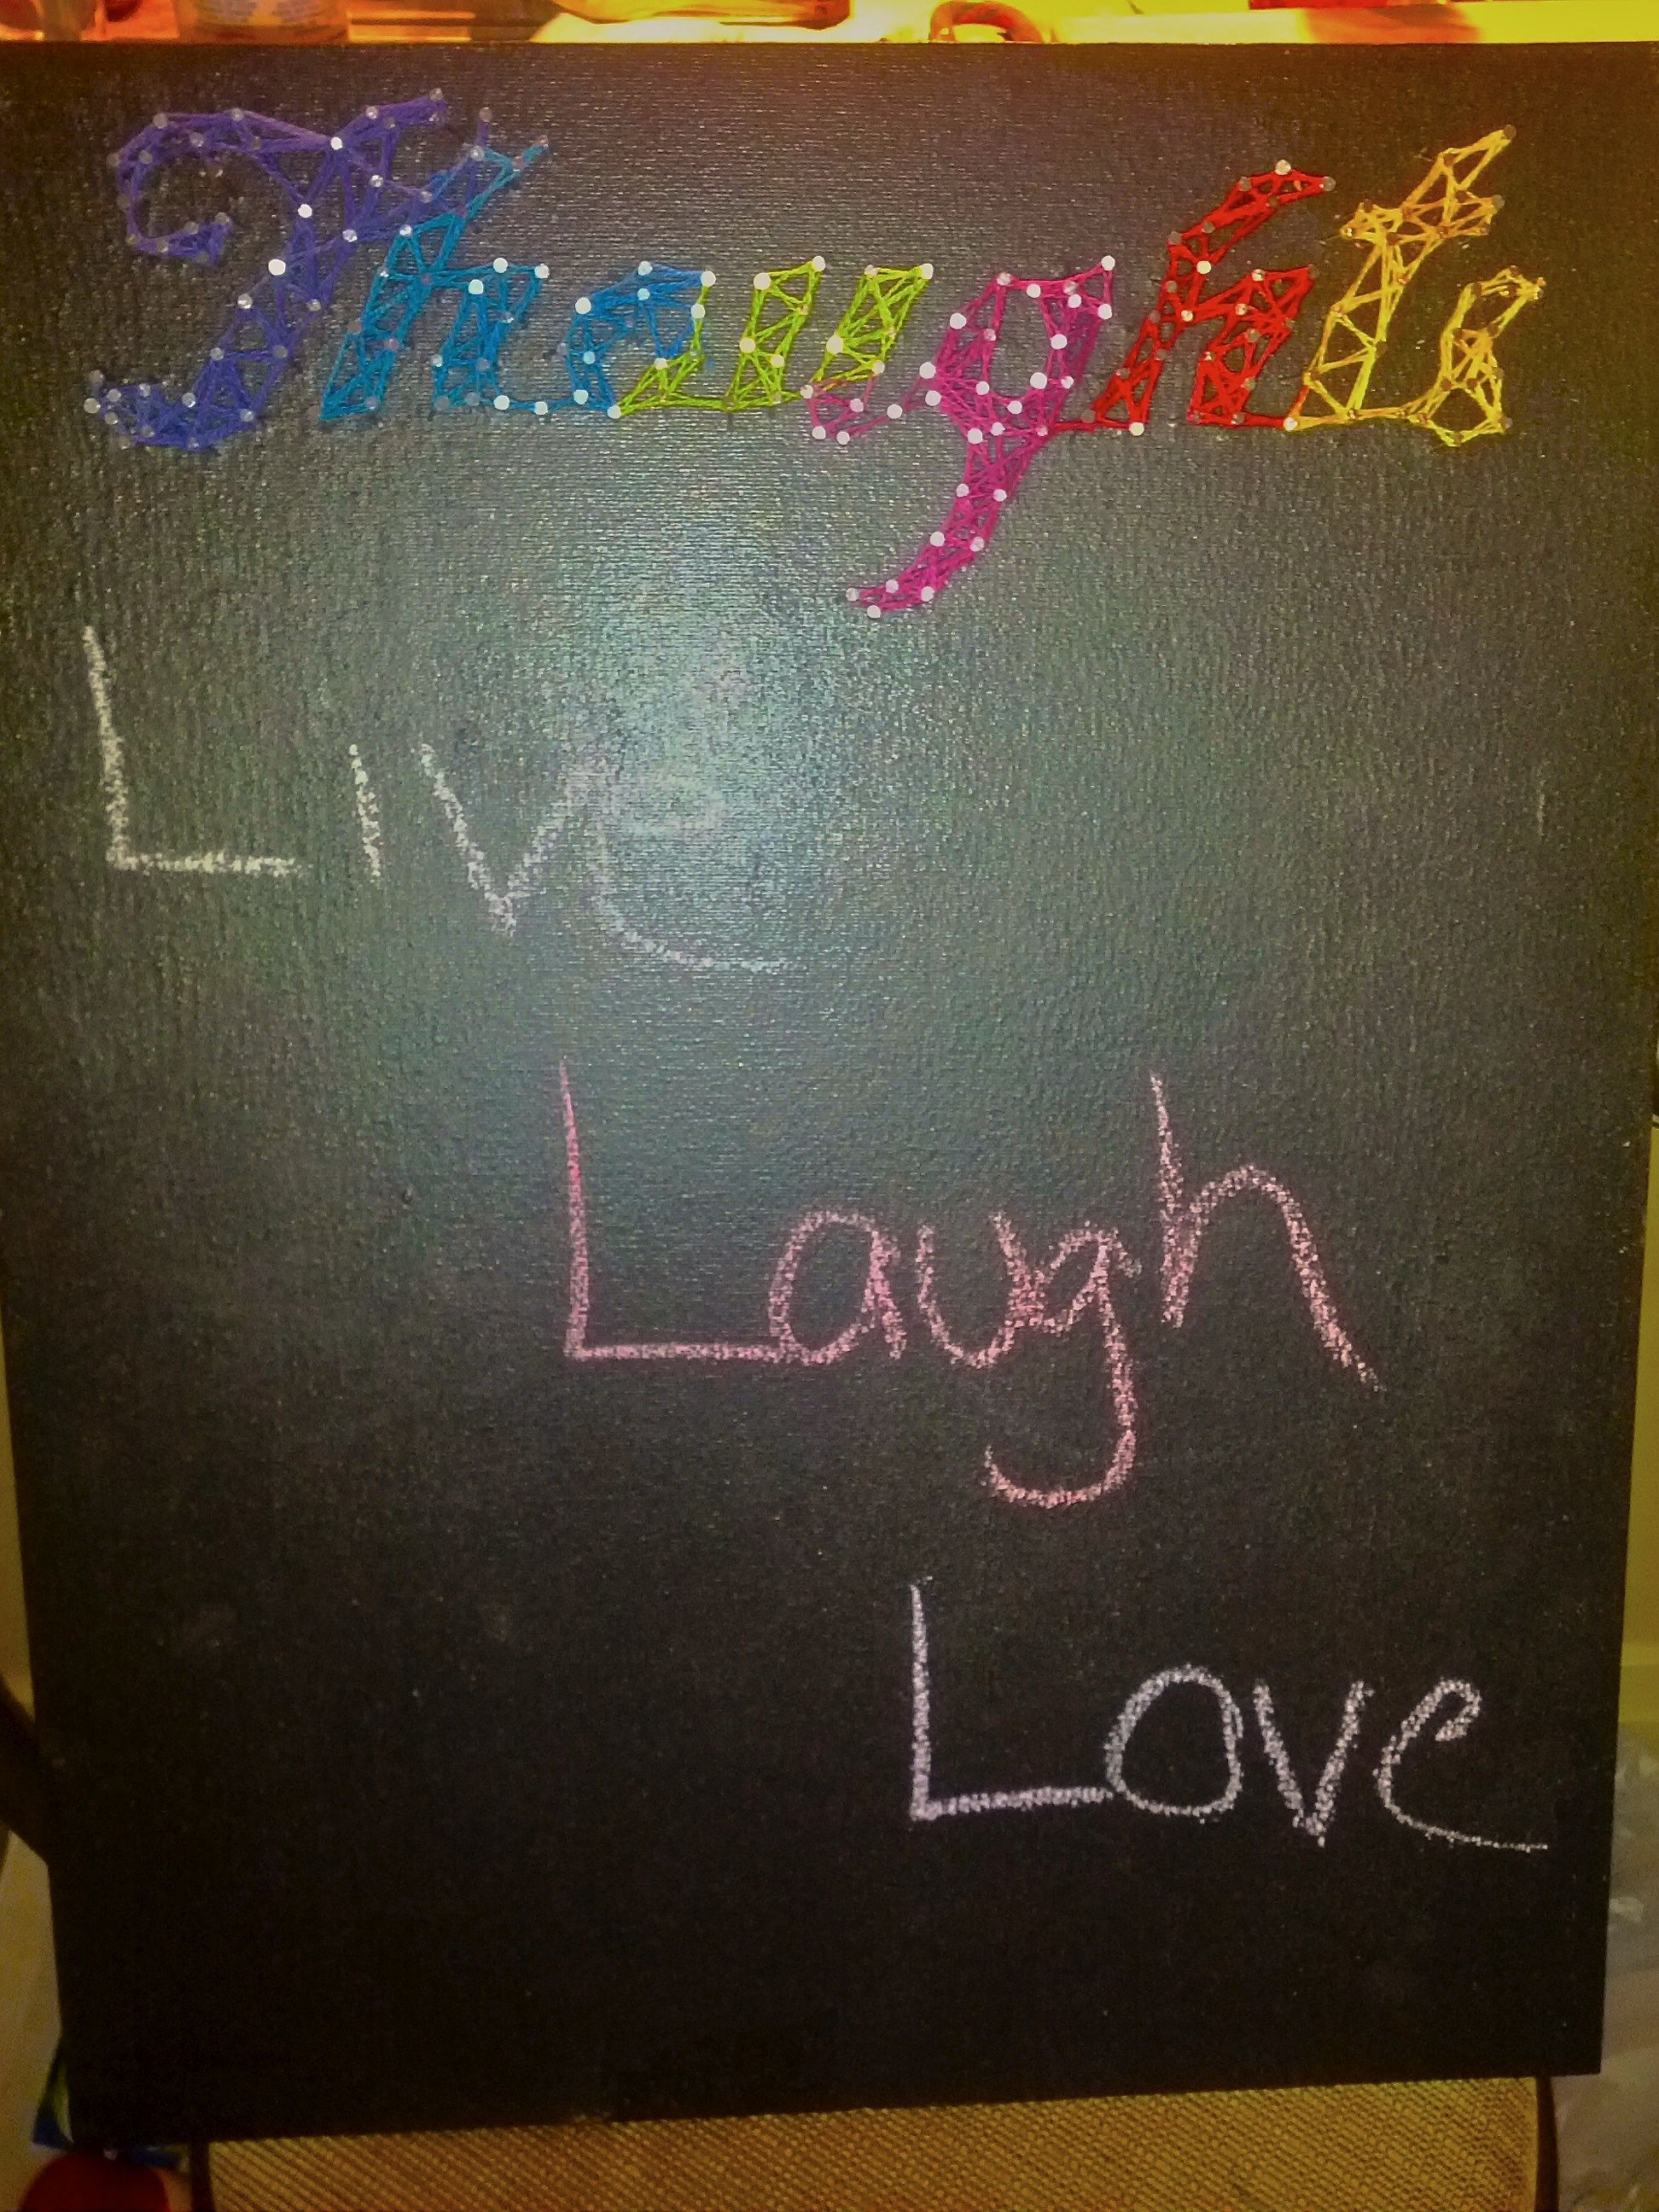 Nail art+chalkboard paint :)    http://kelseyj77.bo.lt/stringart  http://kelseyj77.bo.lt/gd7d8